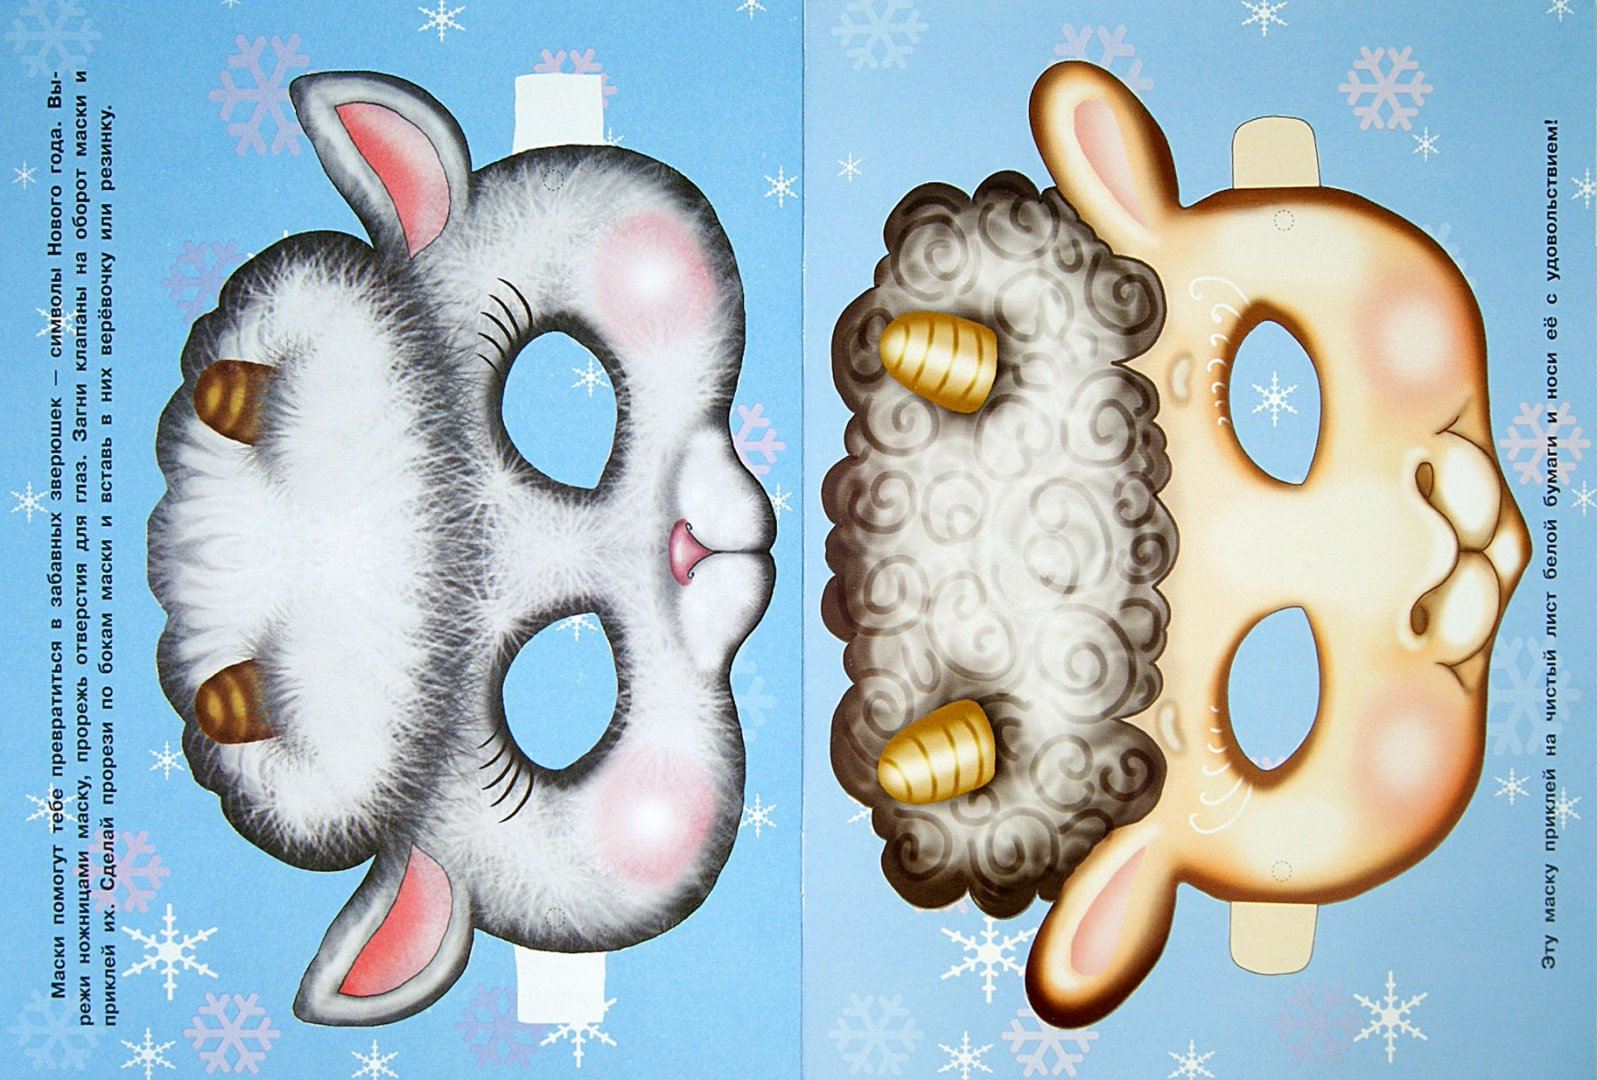 Иллюстрация 1 из 4 для Новогодние овечки. Альбом самоделок - А. Никитина | Лабиринт - книги. Источник: Лабиринт